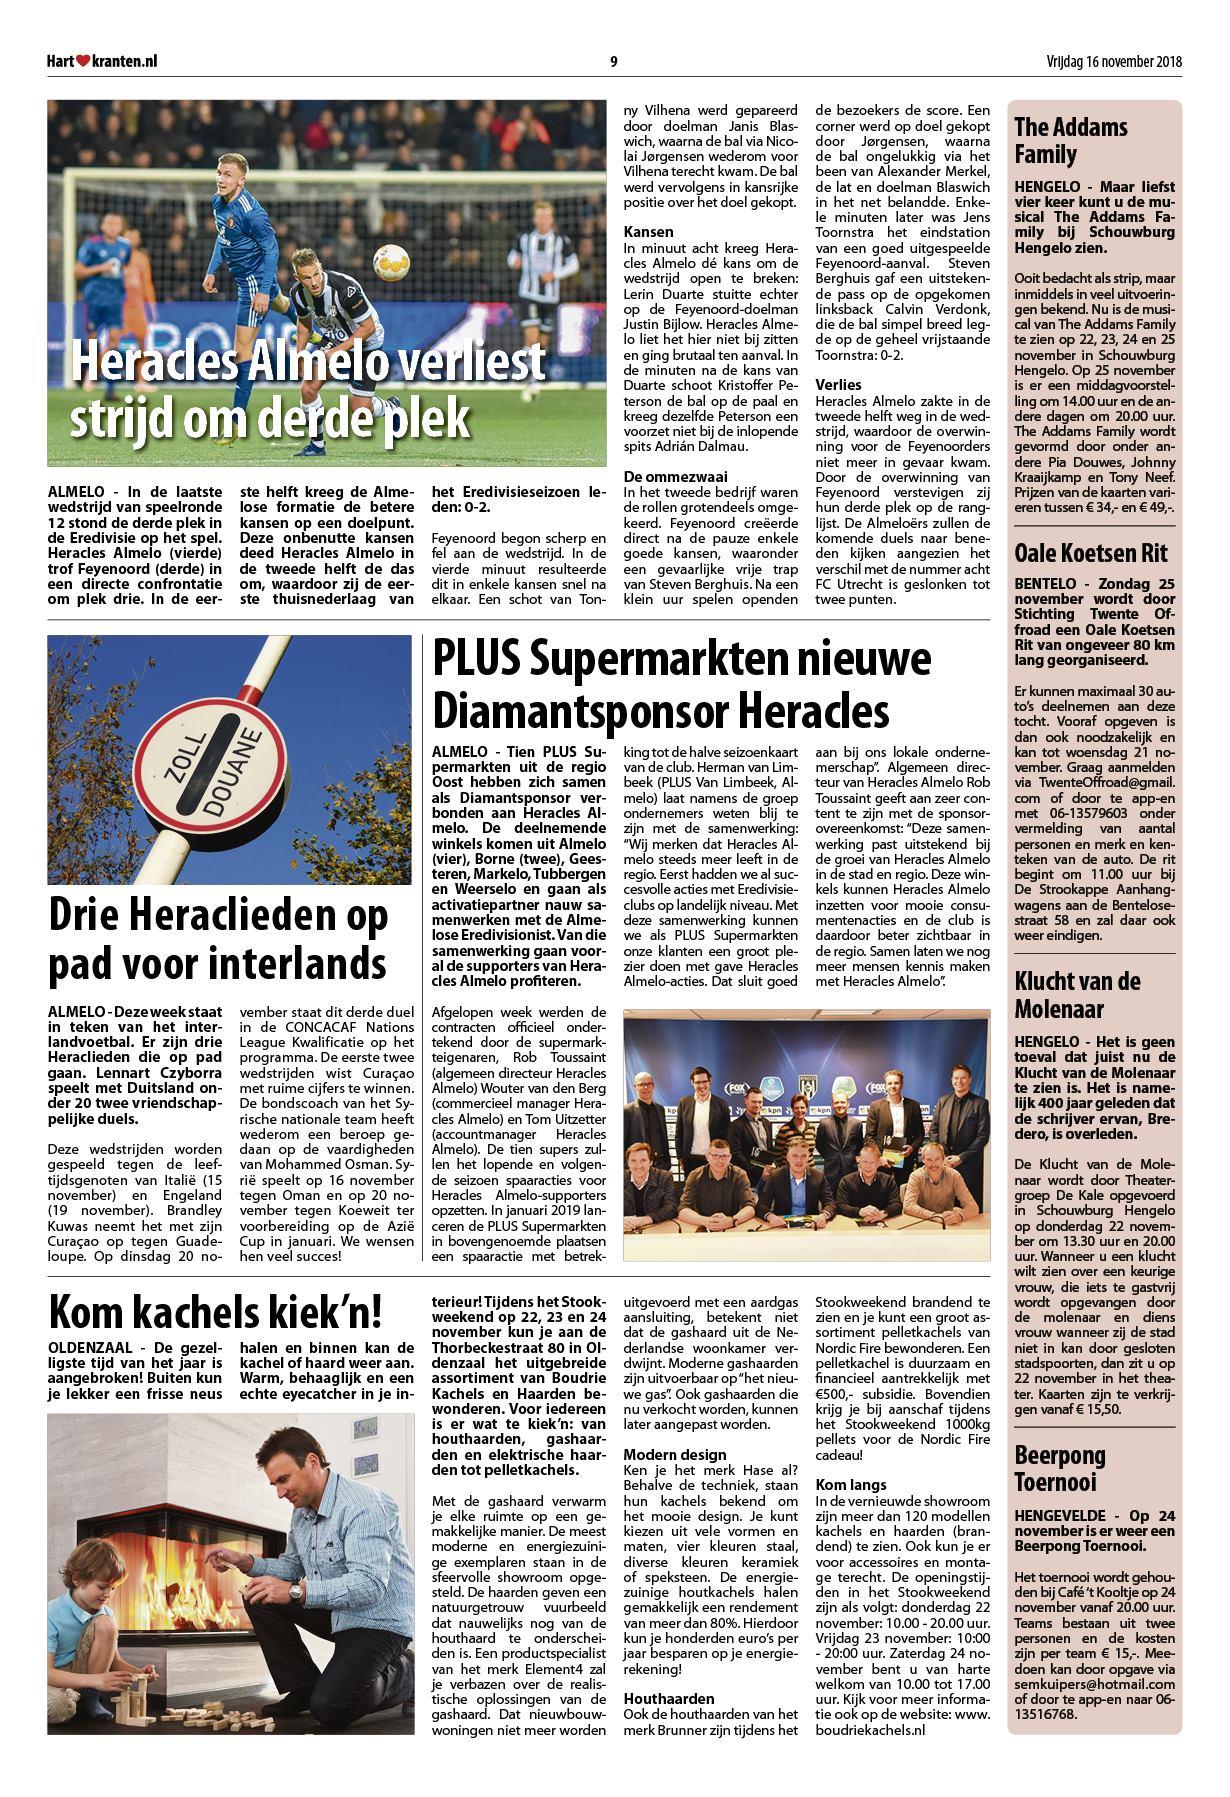 Hart van Hengelo - Hof van Twente 16 november 2018